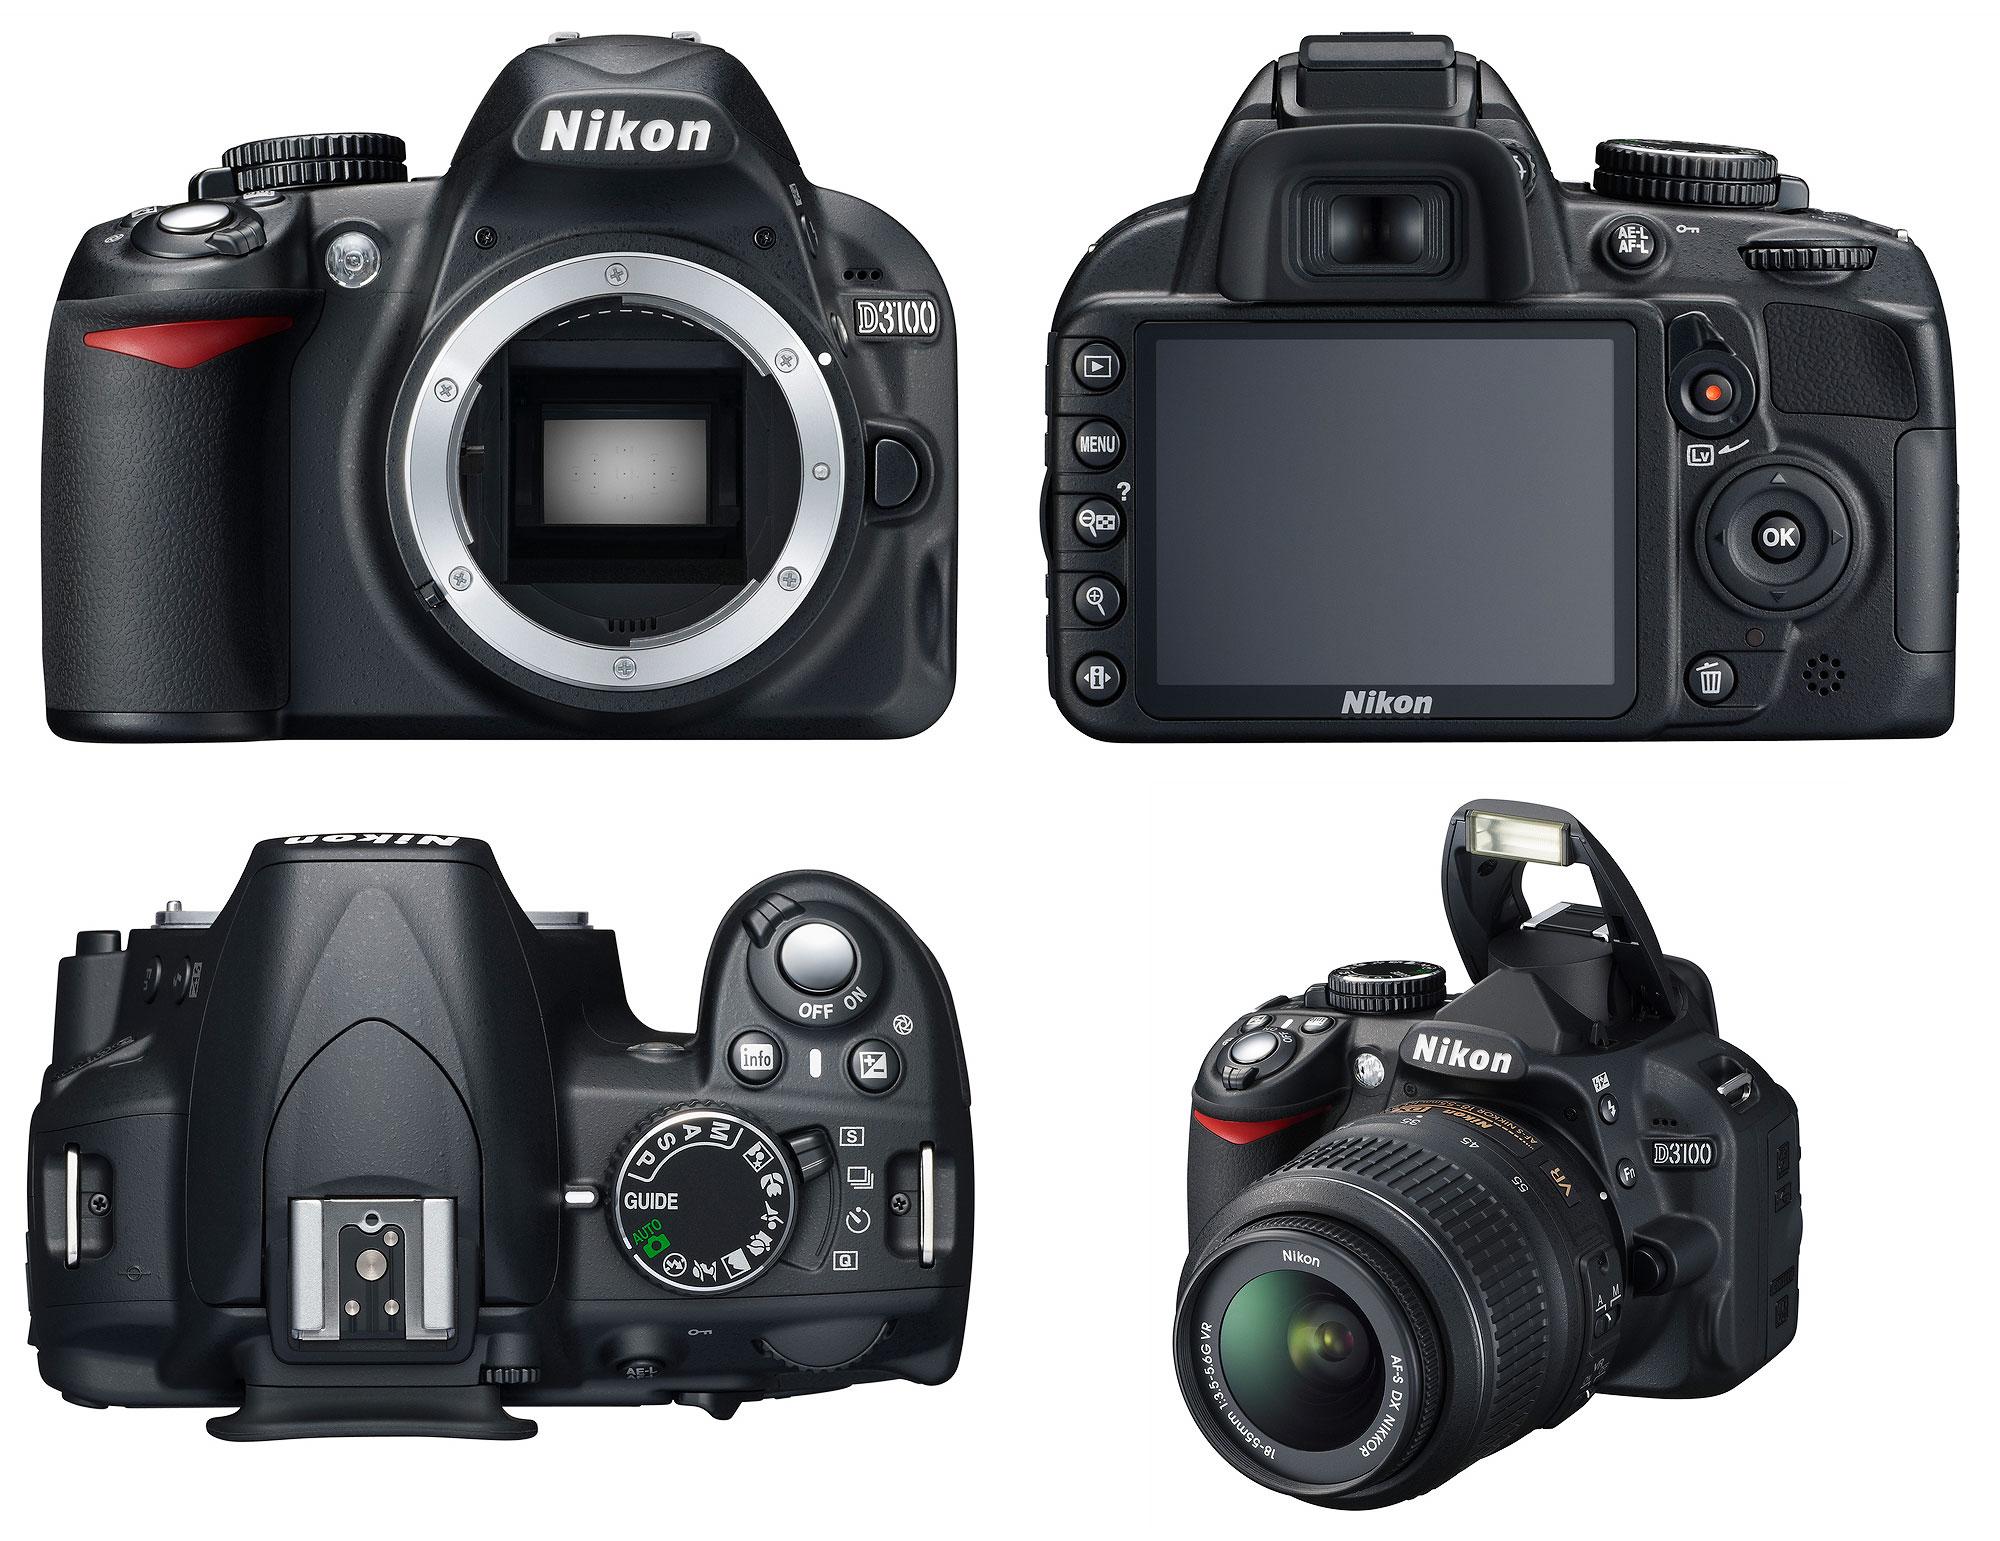 Harga Terbaru dan Spesifikasi Nikon D3100